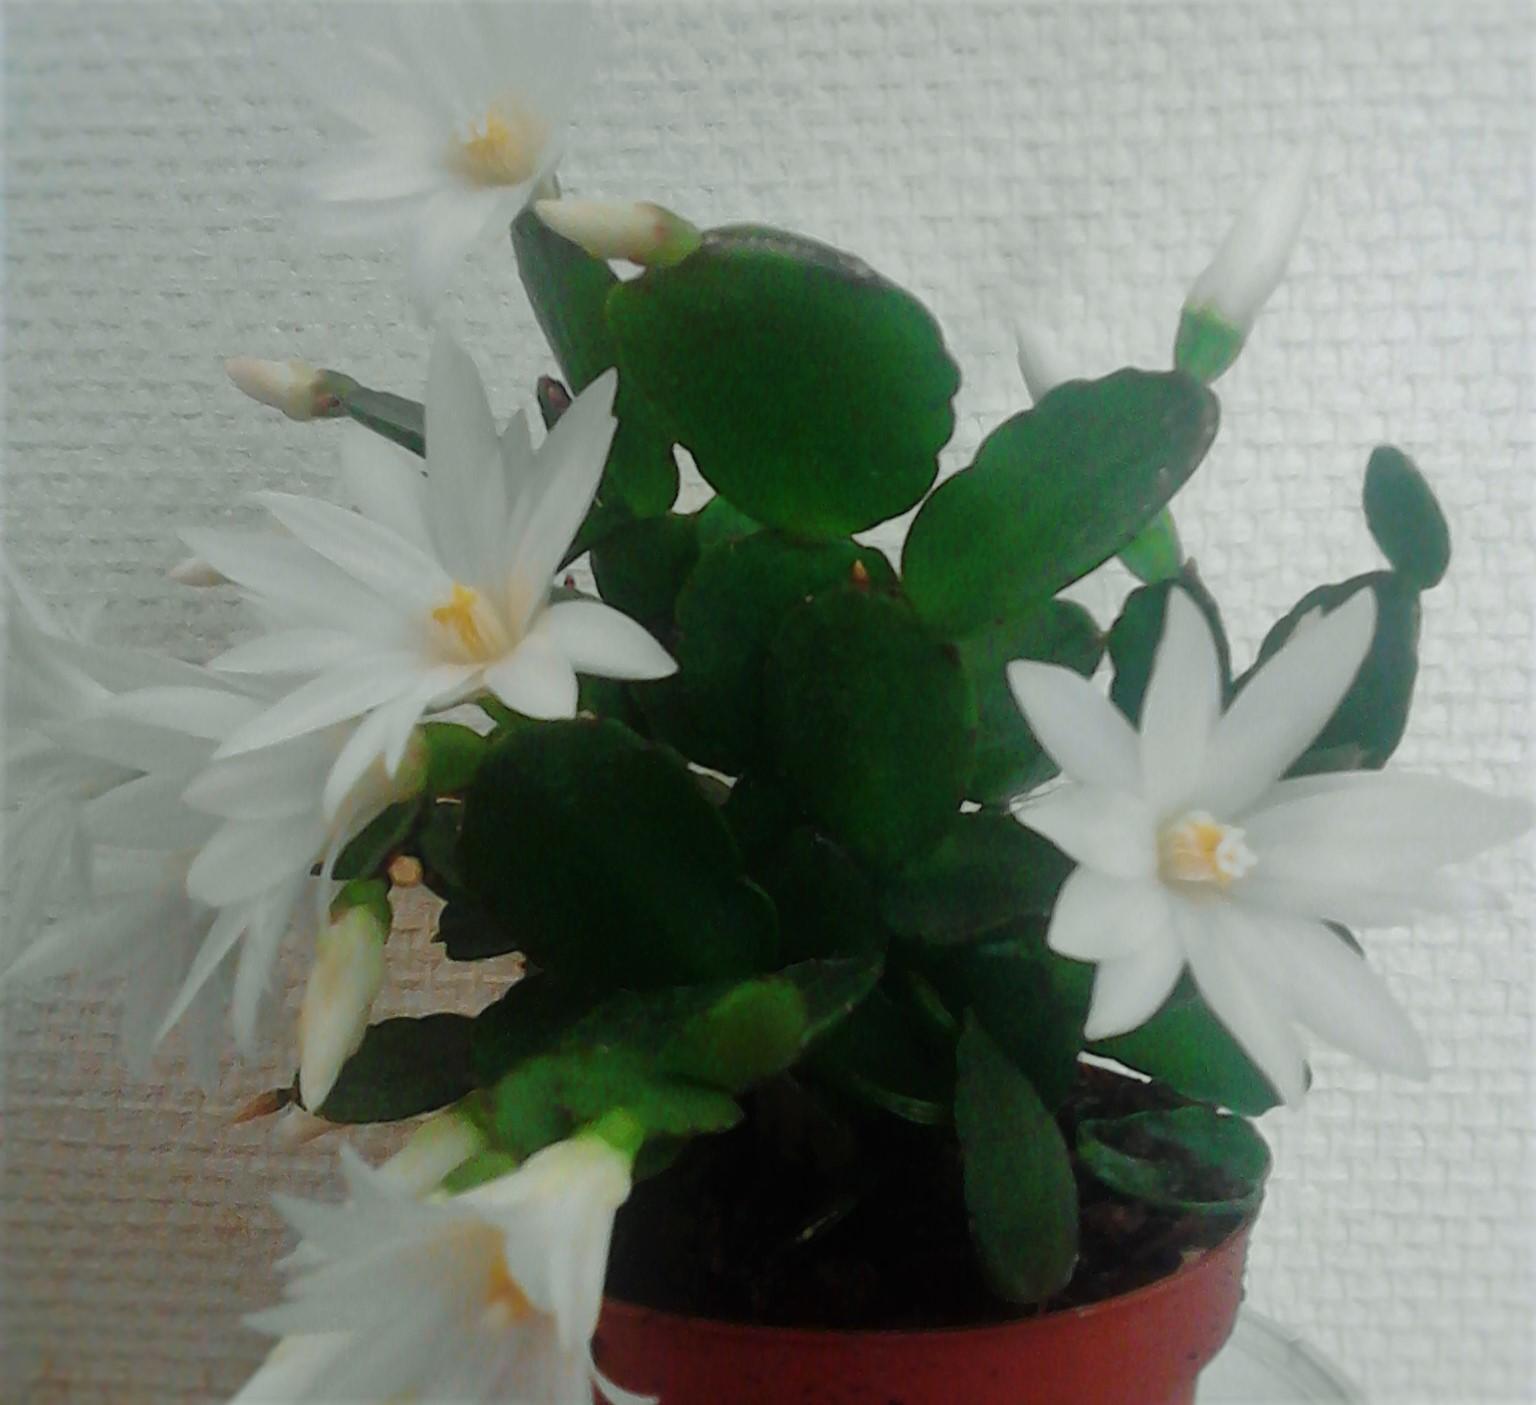 La ventana de javiruli plantas de interior 31 cactus de pascua hatiora graeseri - Cactus de interior ...